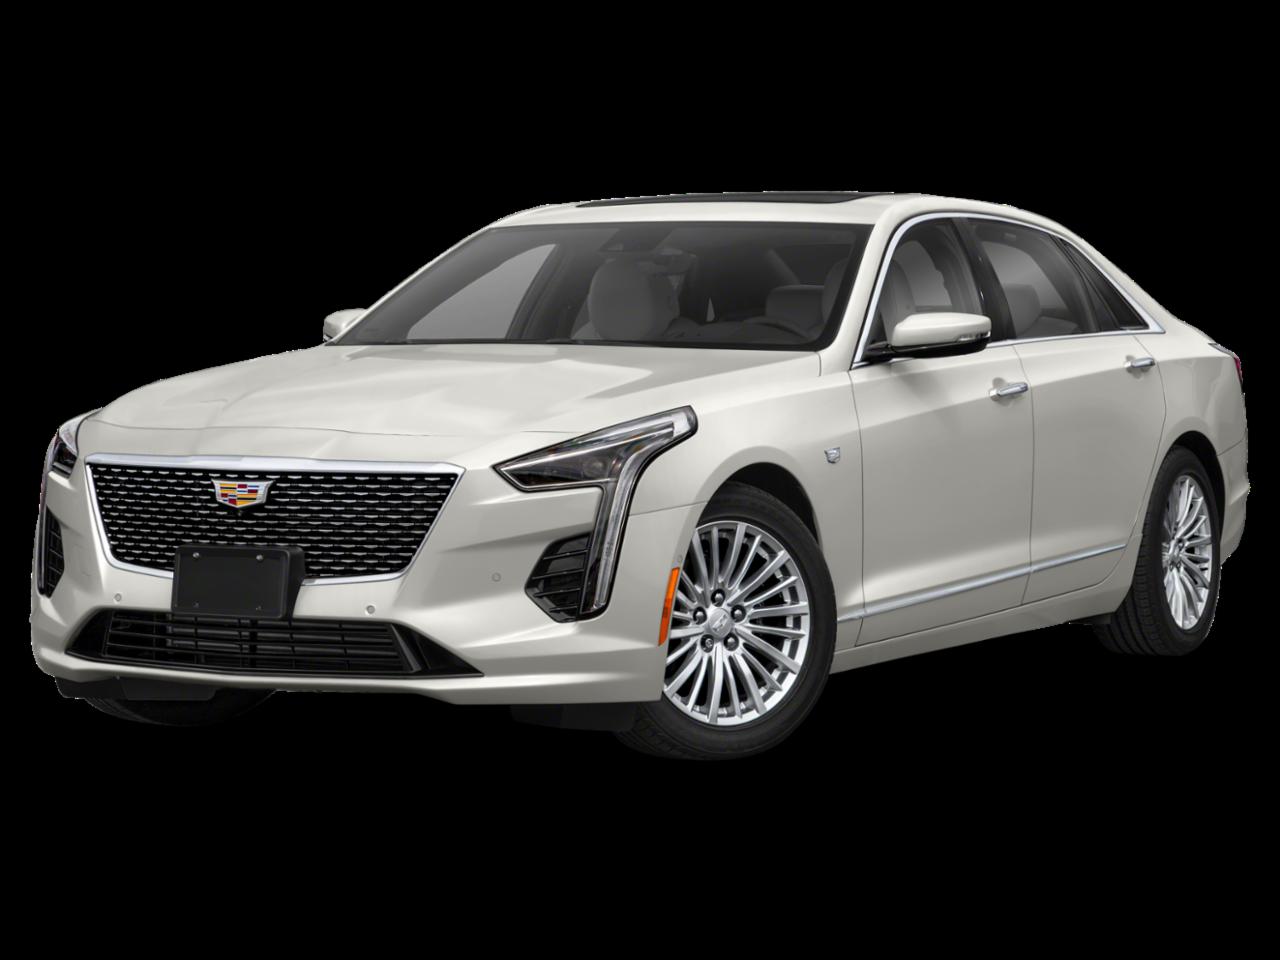 2020 Cadillac CT6 Premium Luxury 4dr Car